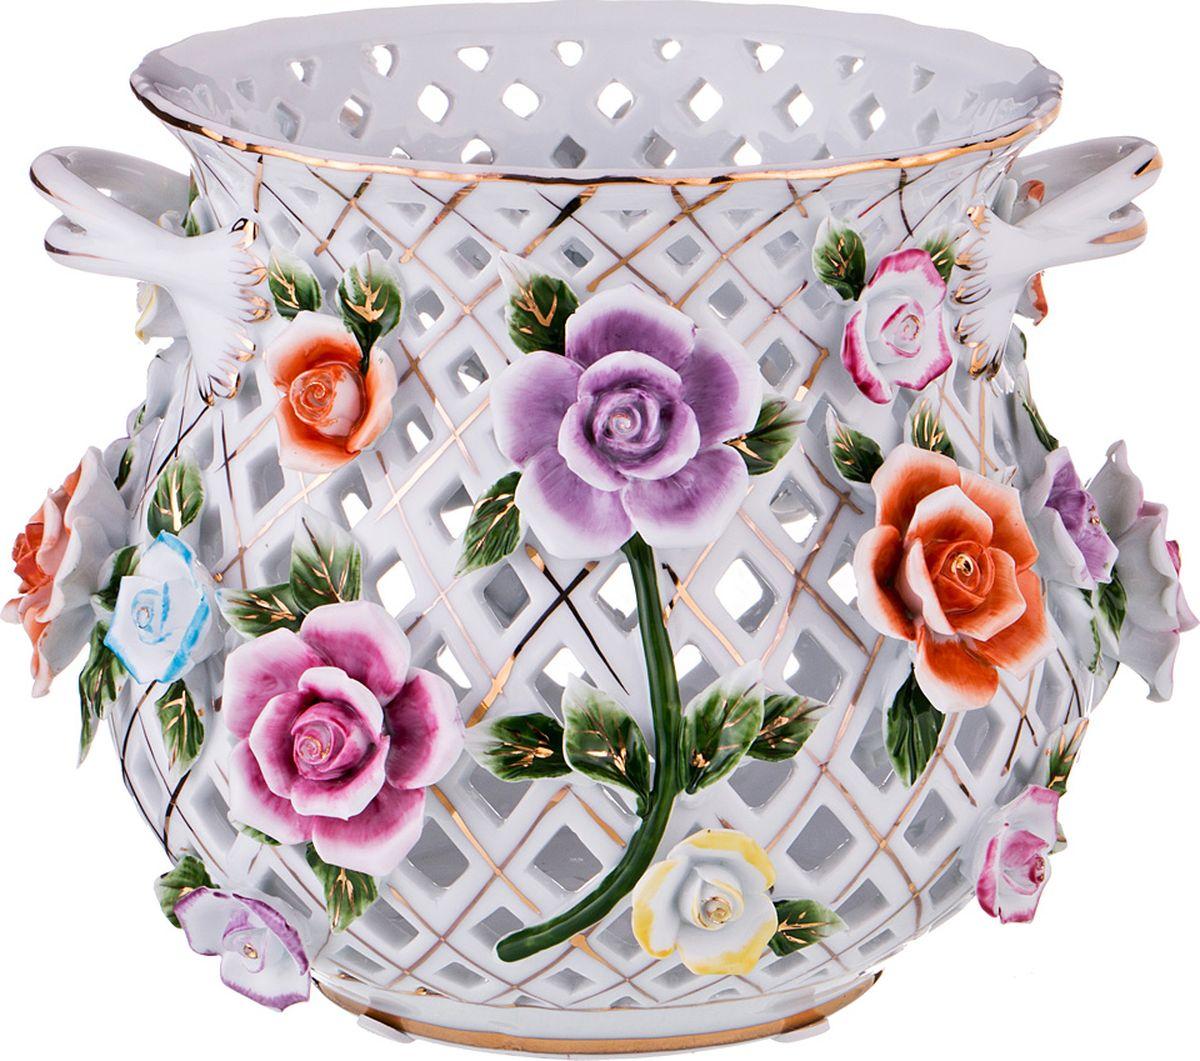 Ваза Lefard, цвет: разноцветный, высота 17 см. K26F077W ваза nina glass грейси цвет оранжевый высота 19 см